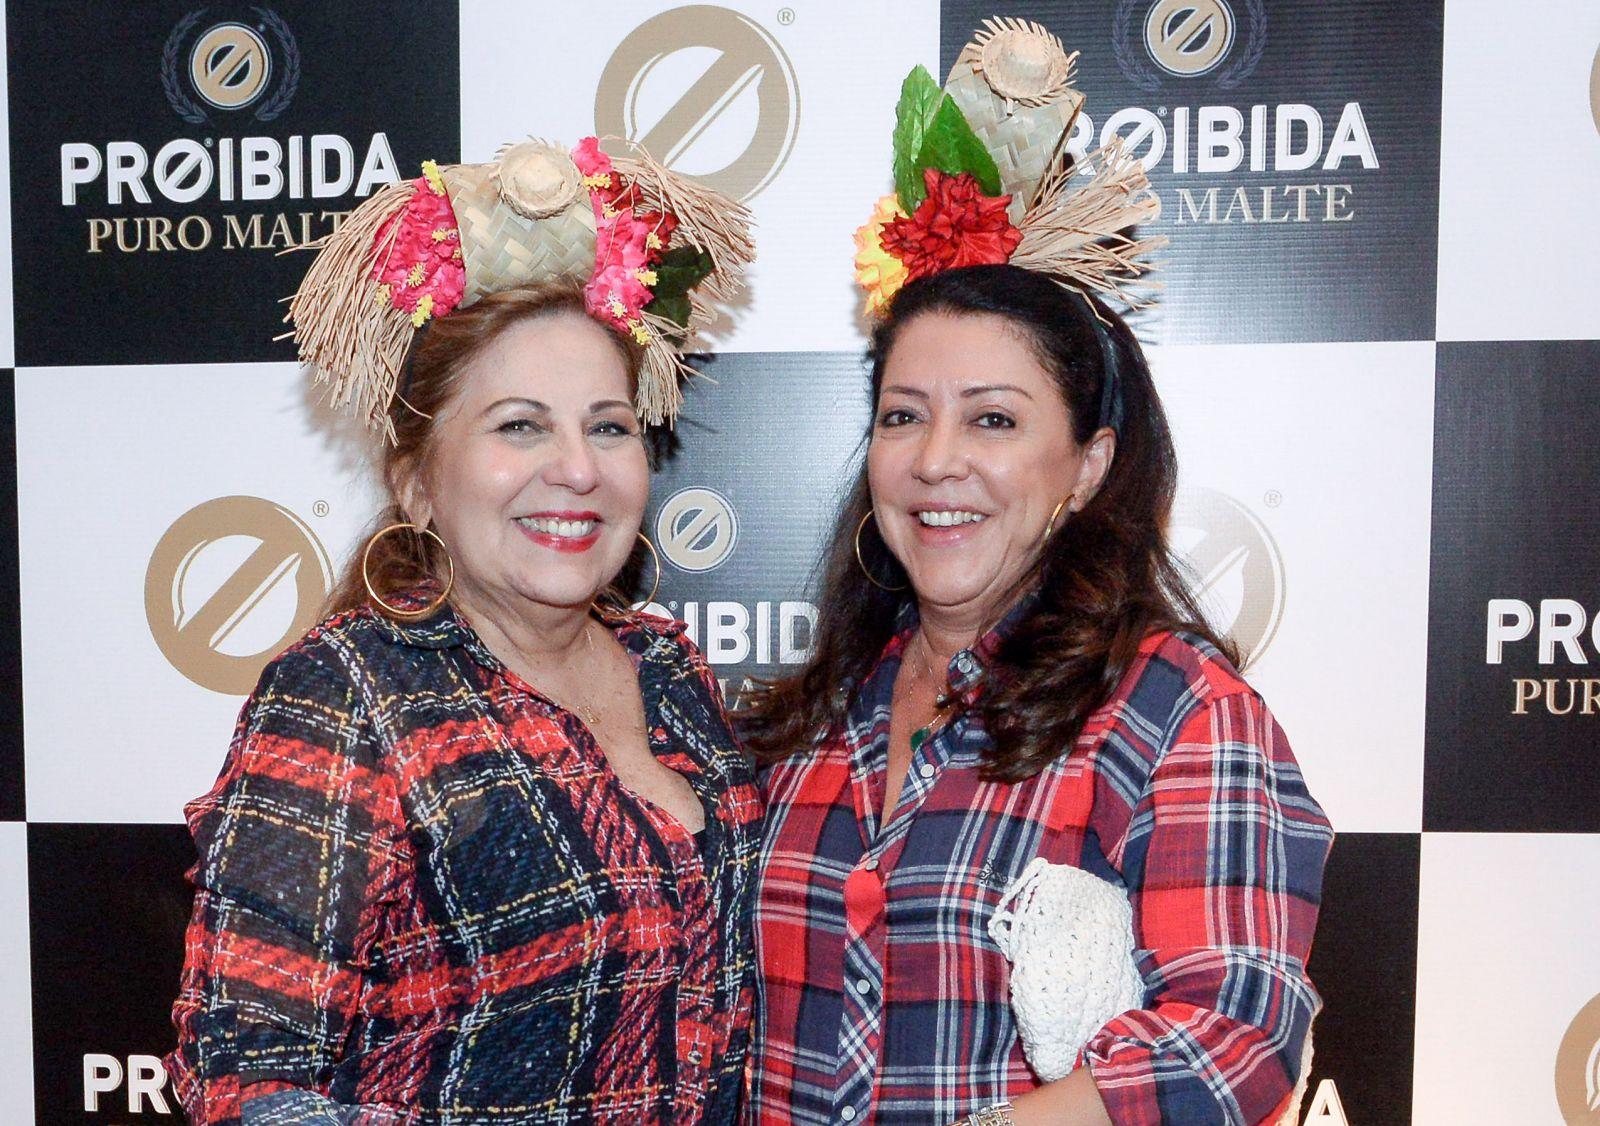 Rita Magalhães foi coroada a rainha da Forrozada em Praia do Fotre, na foto ela está com Aurora Mendonça.Ver mais...